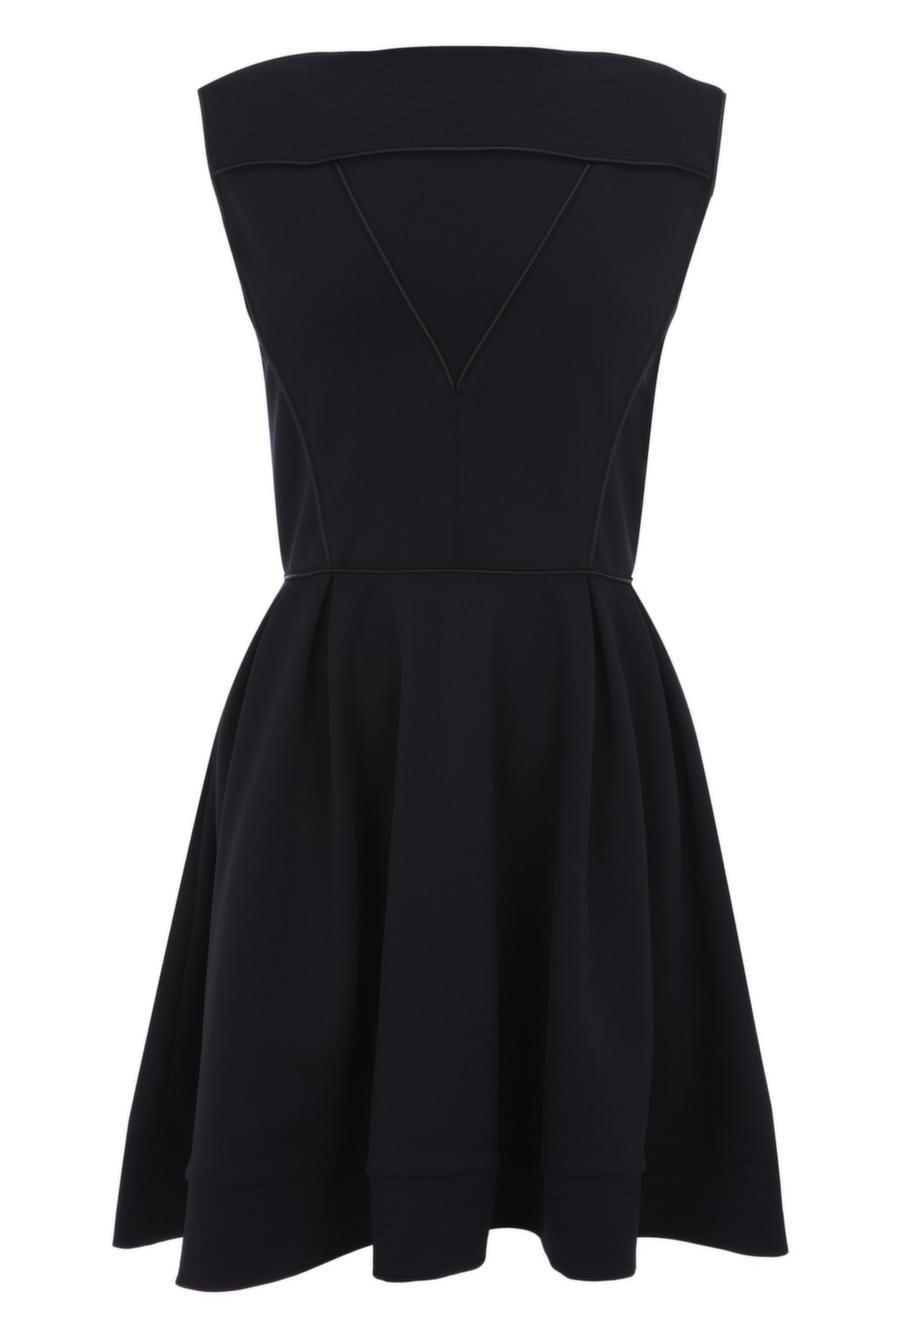 Om du har stora höfter passar du bra i klockade kjolar. Den här klänningen markerar midjan och döljer höfterna. Finns på Oasis och kostar 600 kronor.